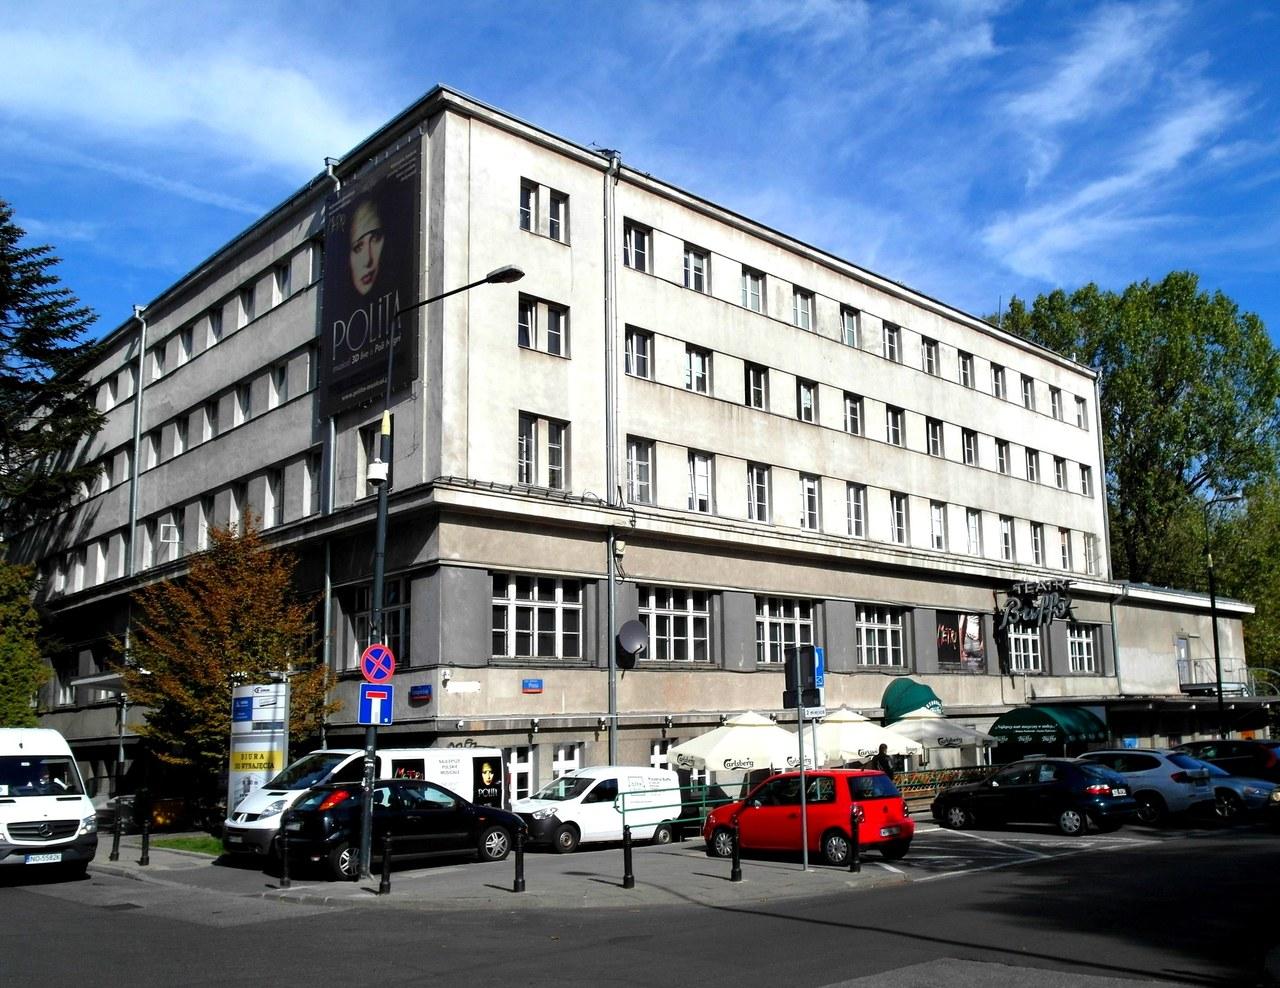 On26 malopolska/slsk szuka dojrzej - Forum - stampgiftshop.com